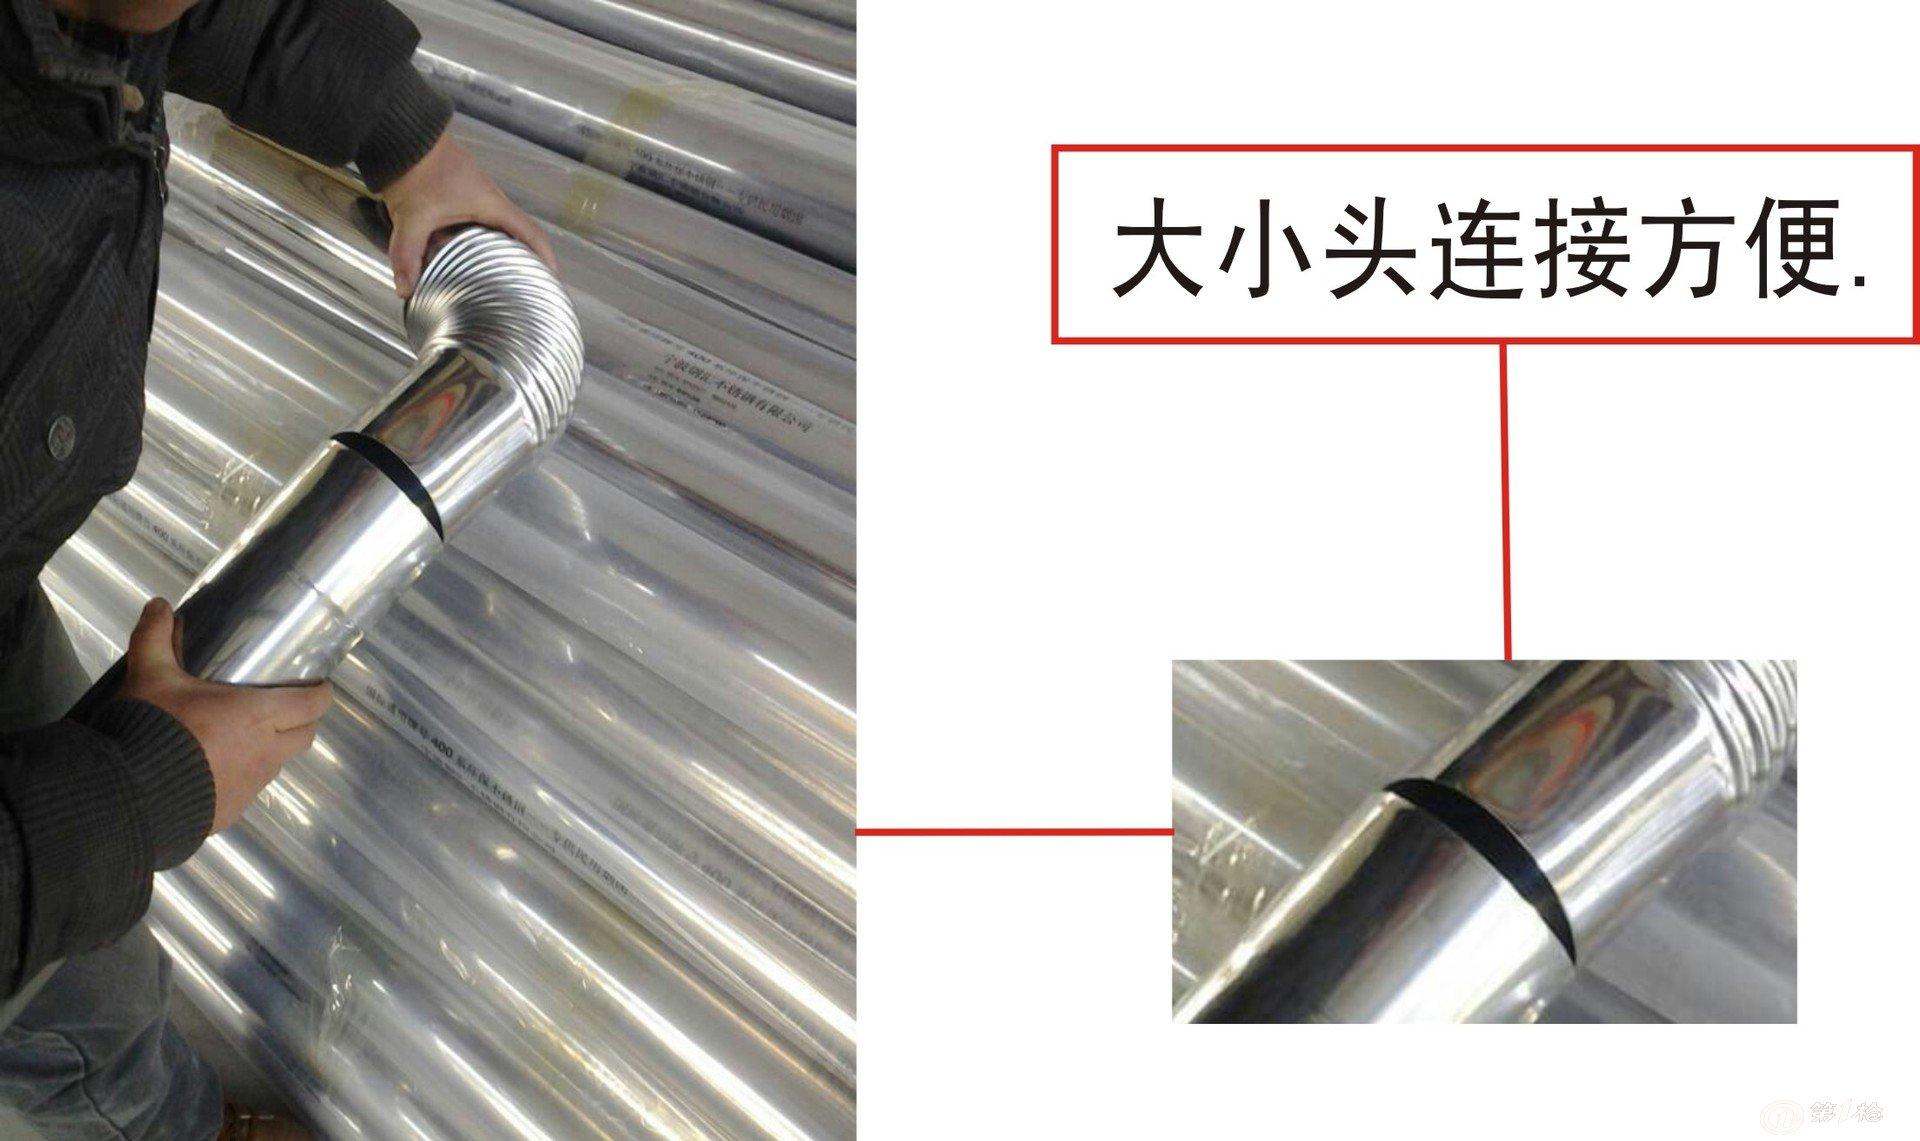 不锈钢雨水管,房屋落水管,不锈钢排水管